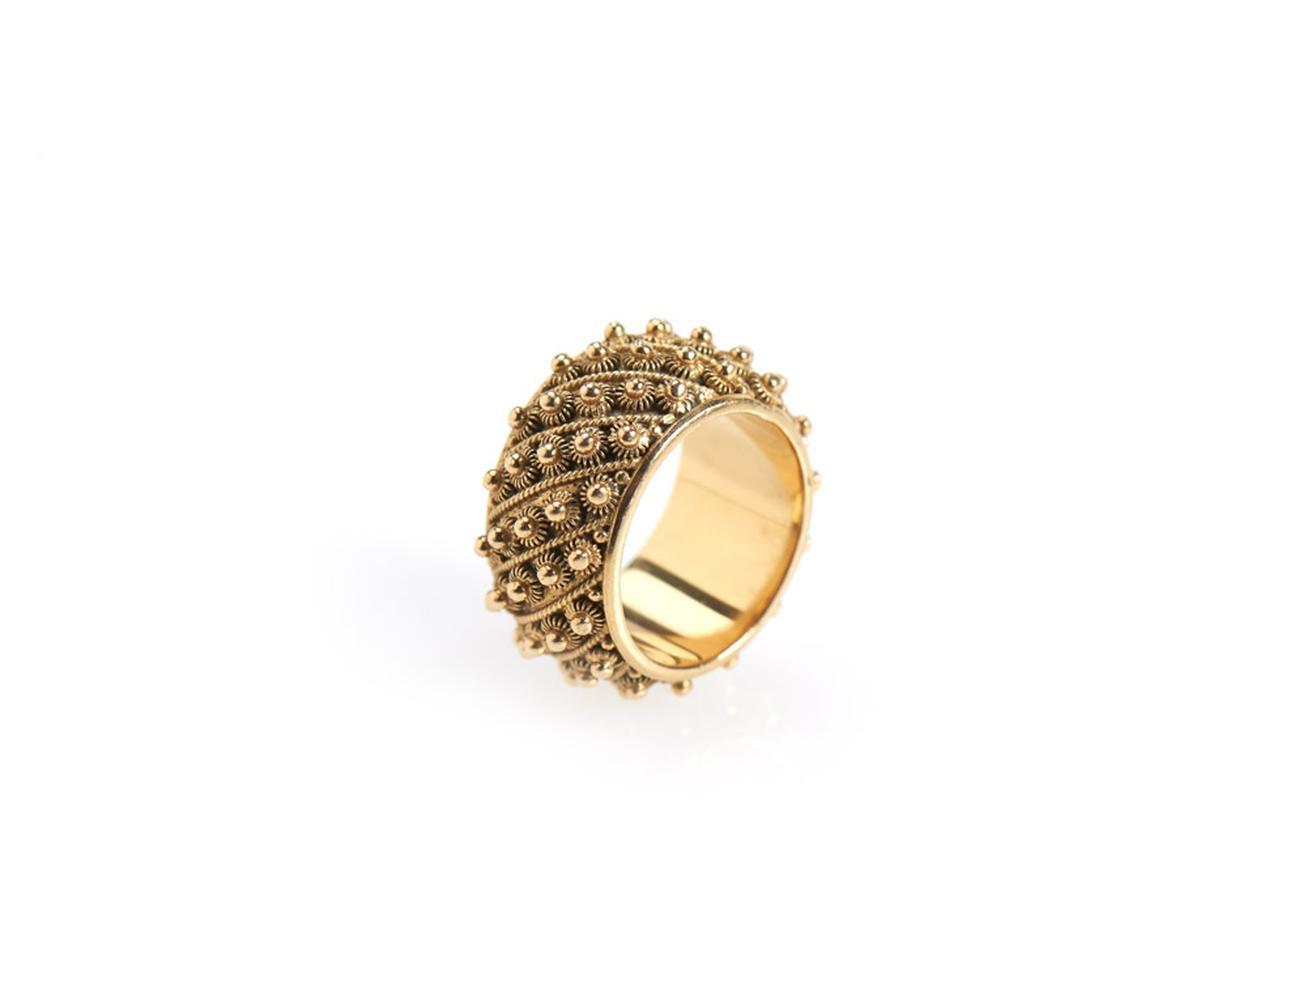 Aliança caramujos em ouro 800%, P. 11,1g